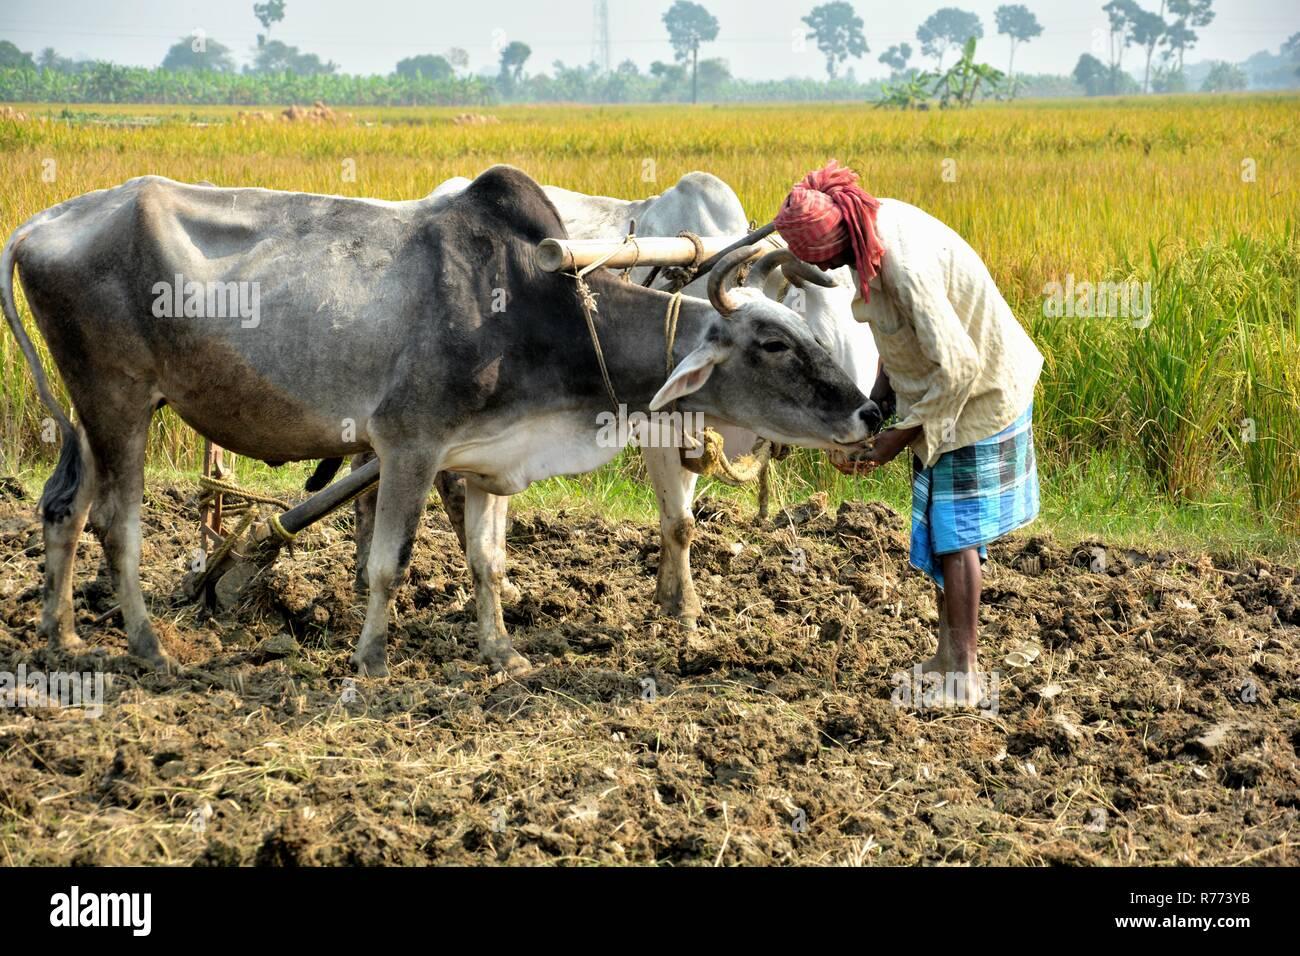 Eine indische Bauern sich anschickt, seine Ochsen zu pflügen, sein Feld zu pflügen, Land von Seite schließen aufgenommen mit Reisfeldern im Hintergrund Stockbild